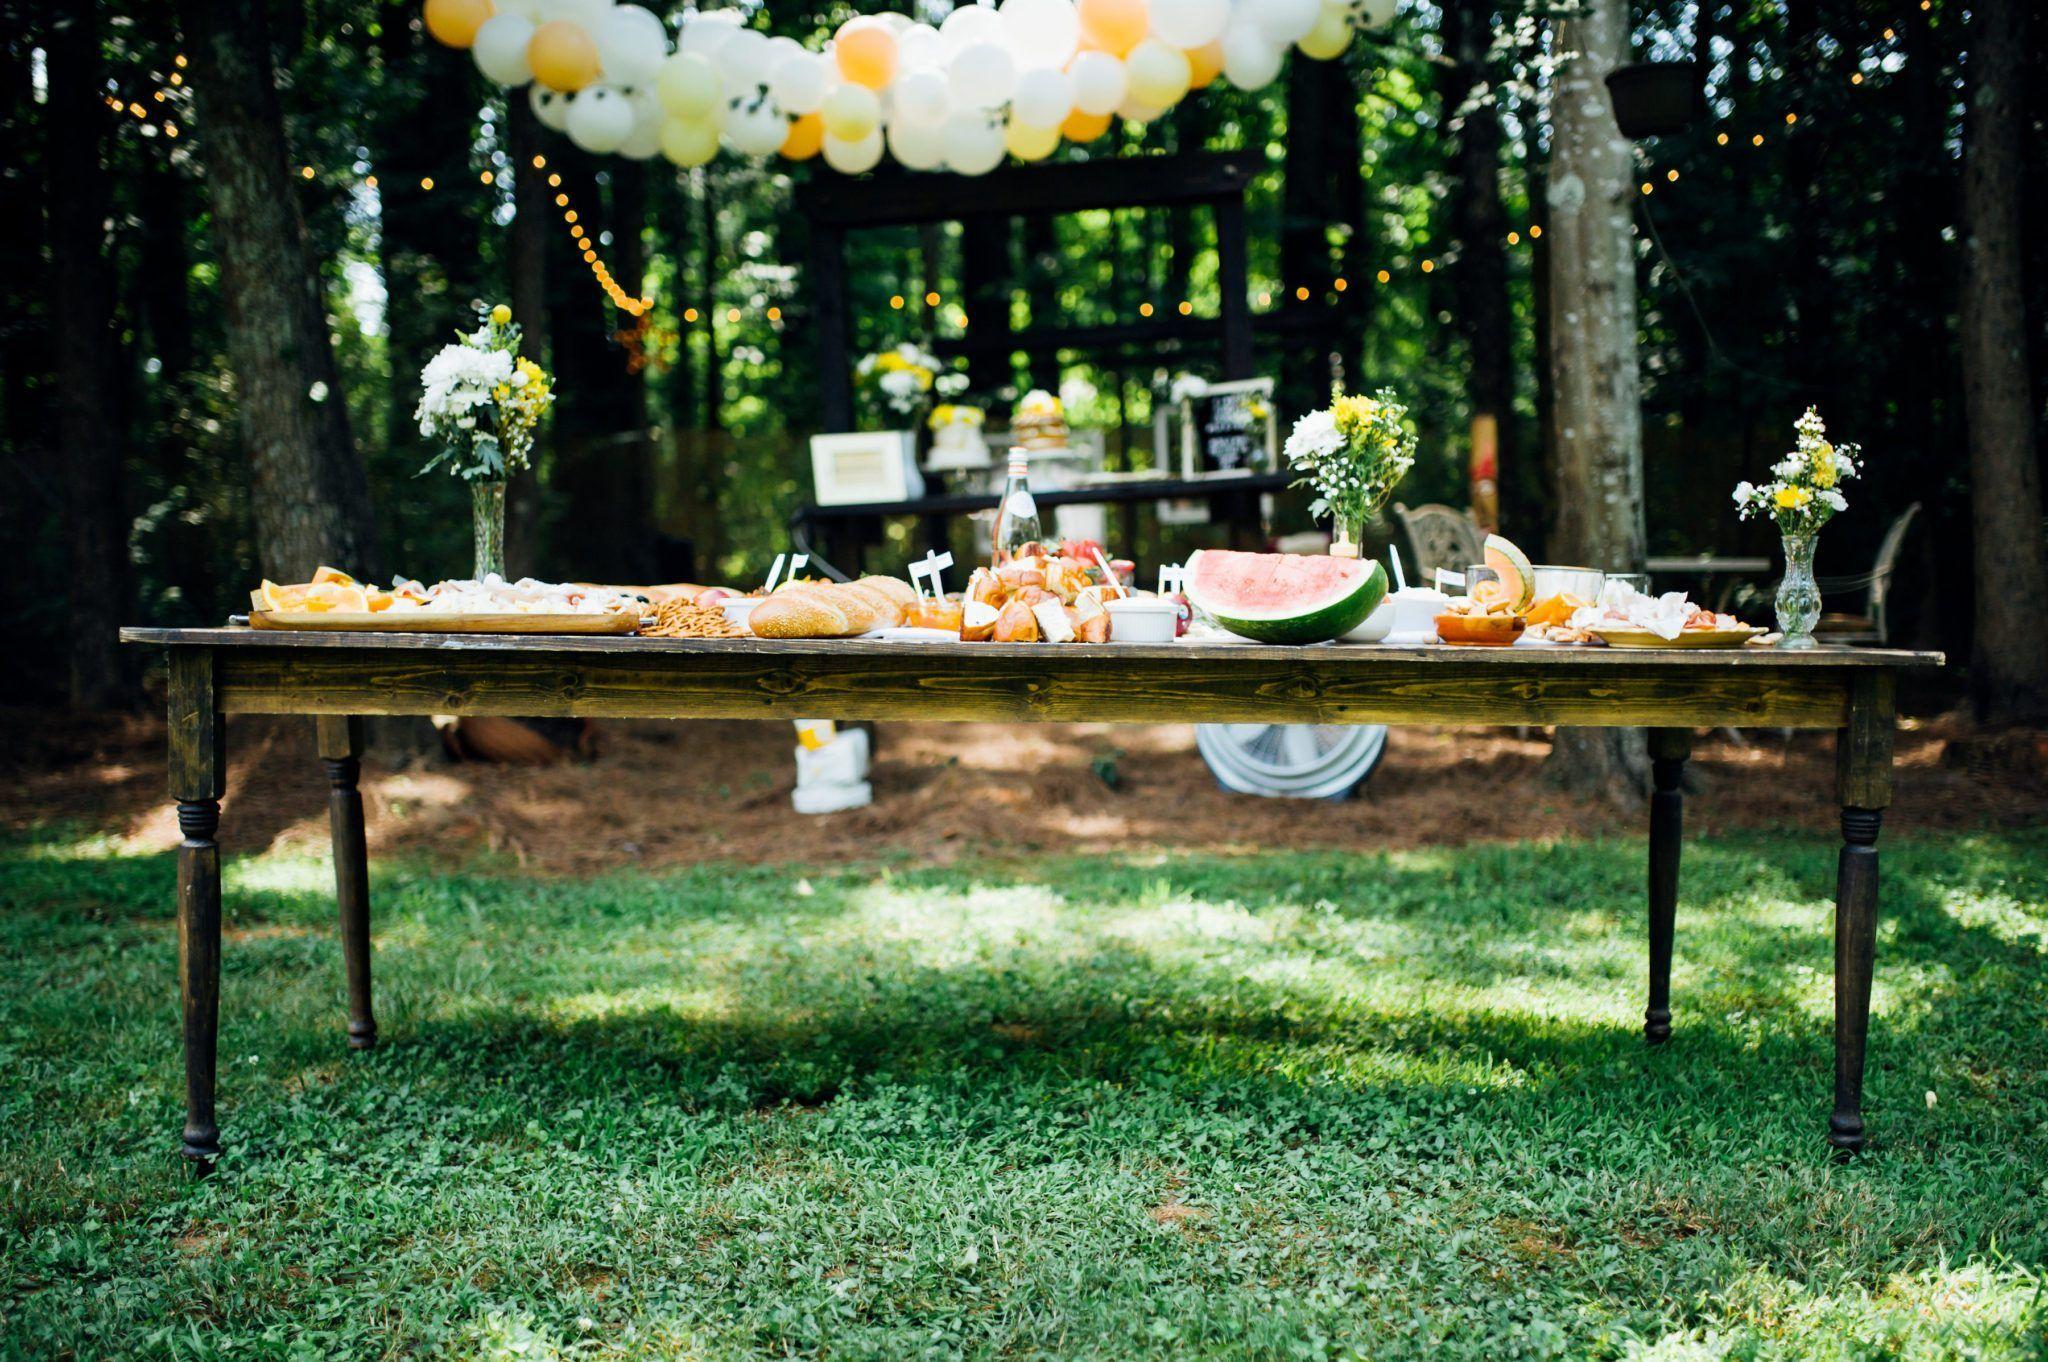 Honey Bee Party Inspo - Scarlett Events - Honey Bee Party Inspo Check out Scarlett Events Party Kits